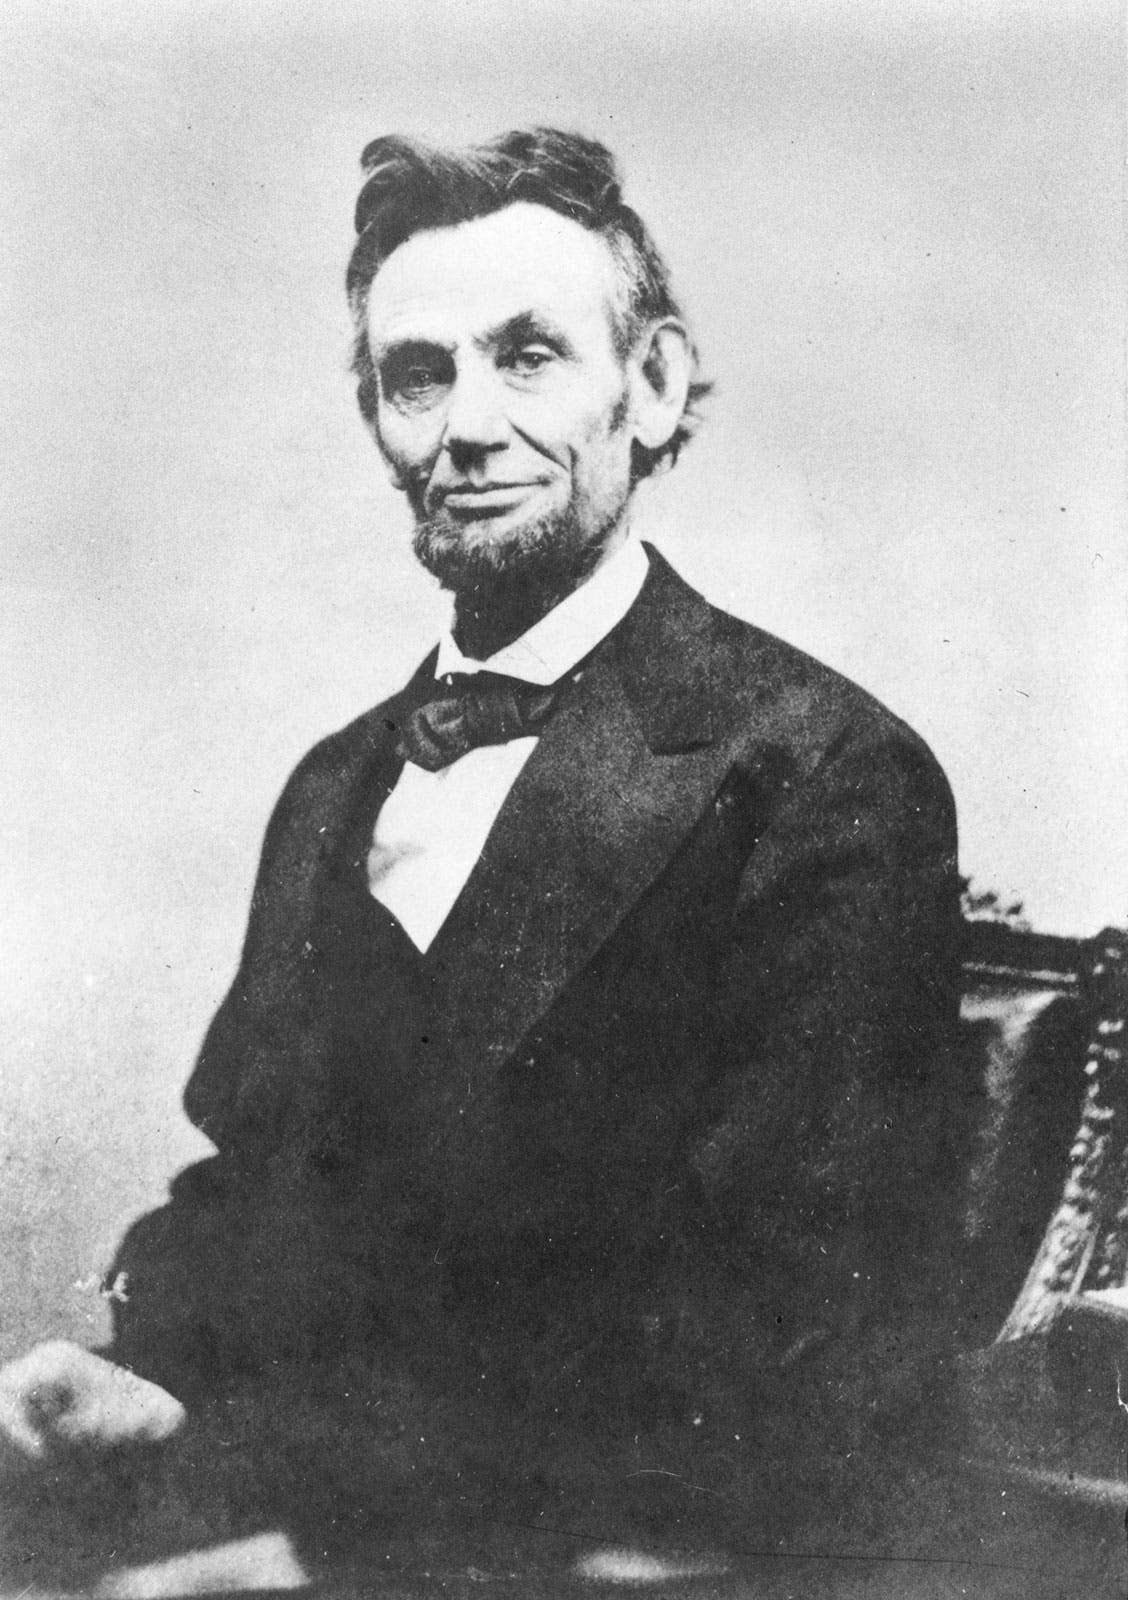 صورة للرئيس الأميركي أبراهام لينكولن